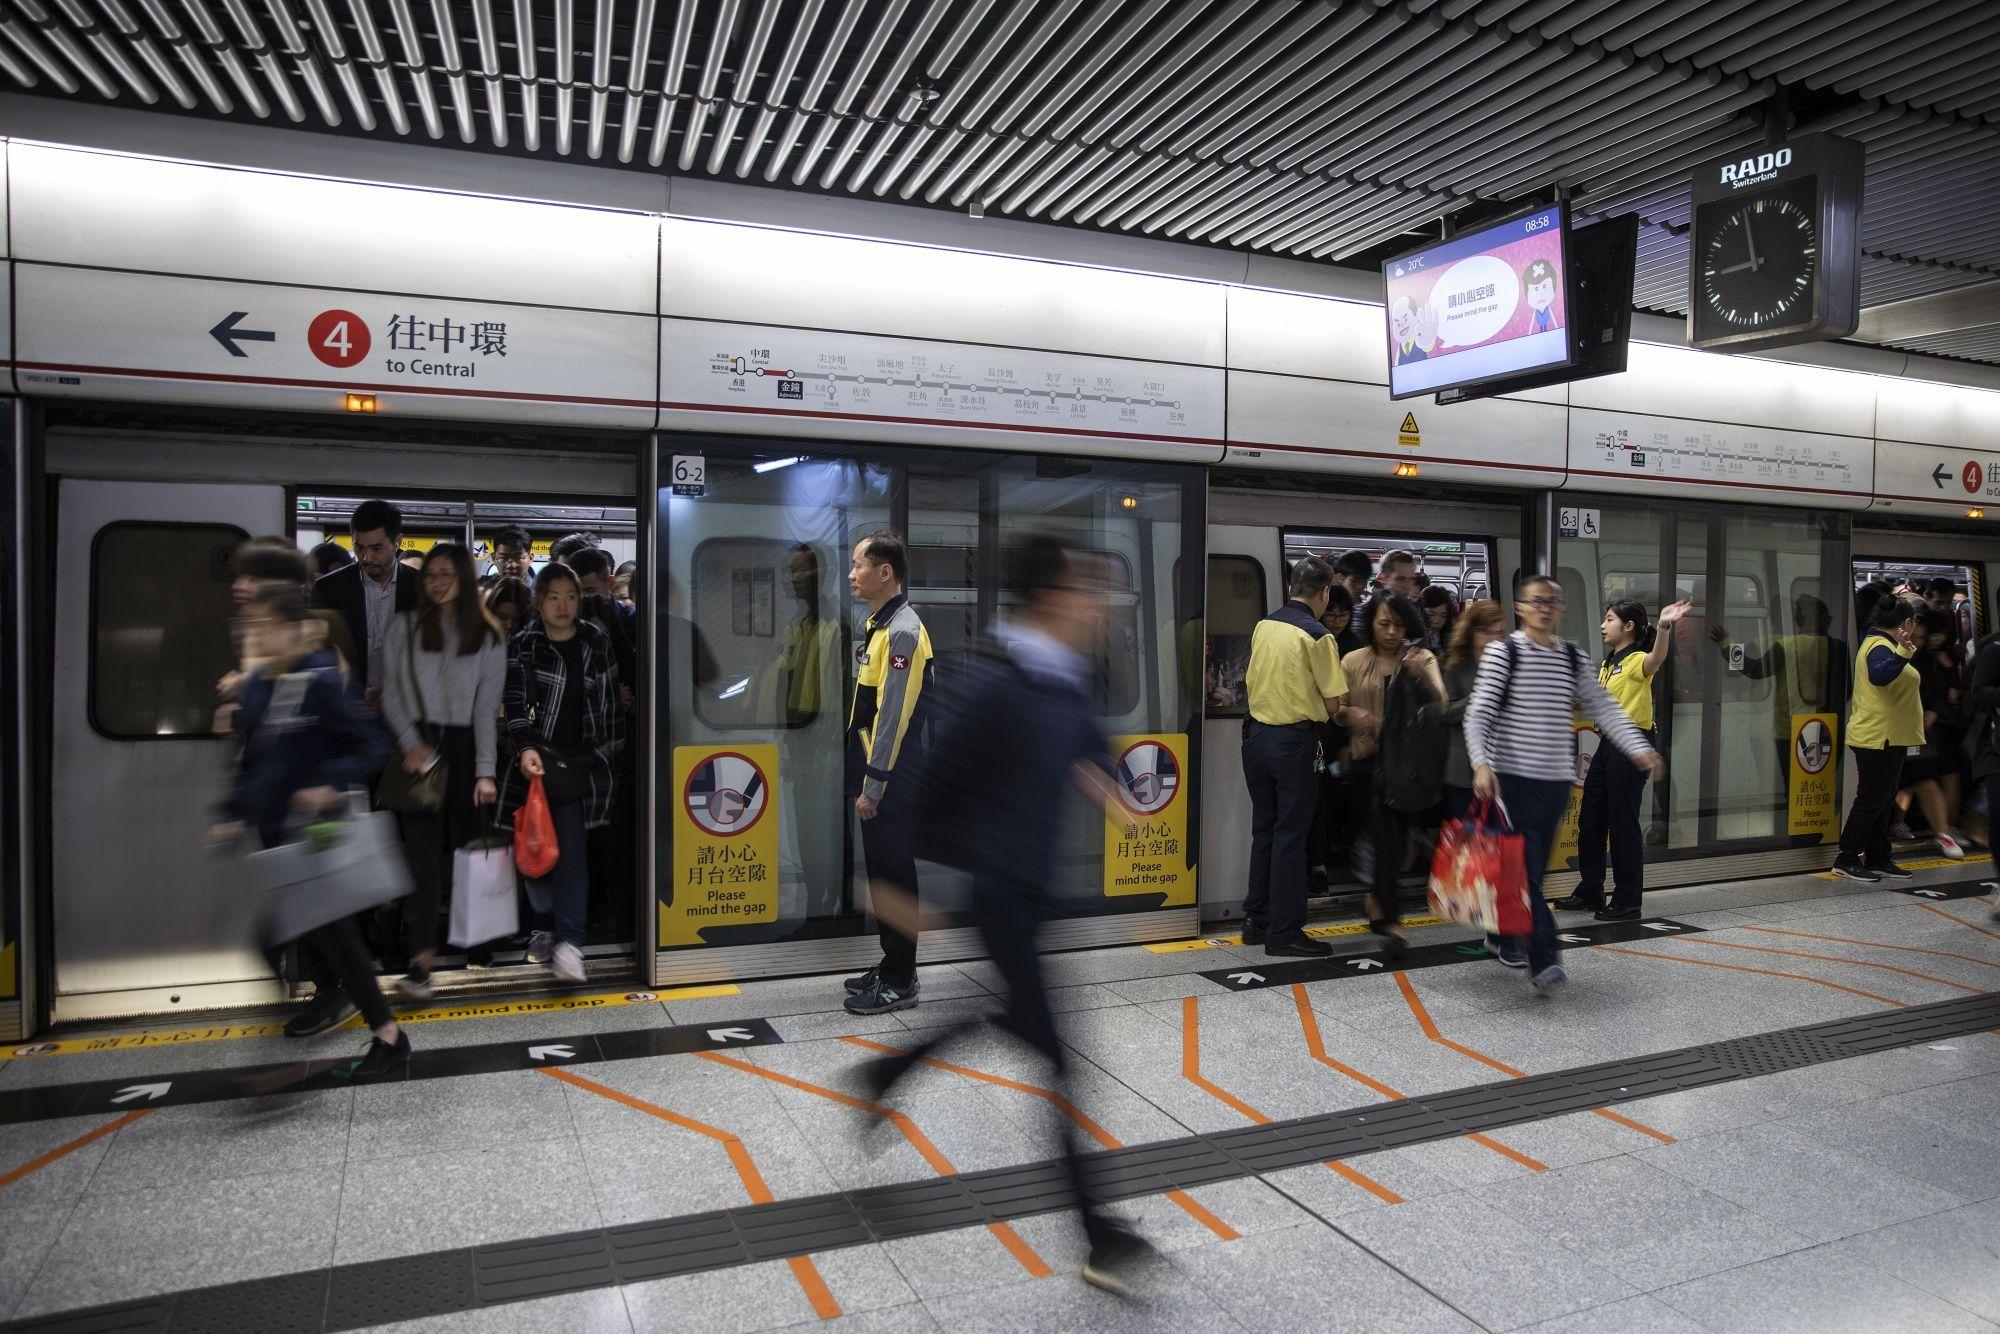 Hong Kong Train Disruptions Show Protests Becoming Daily Affair